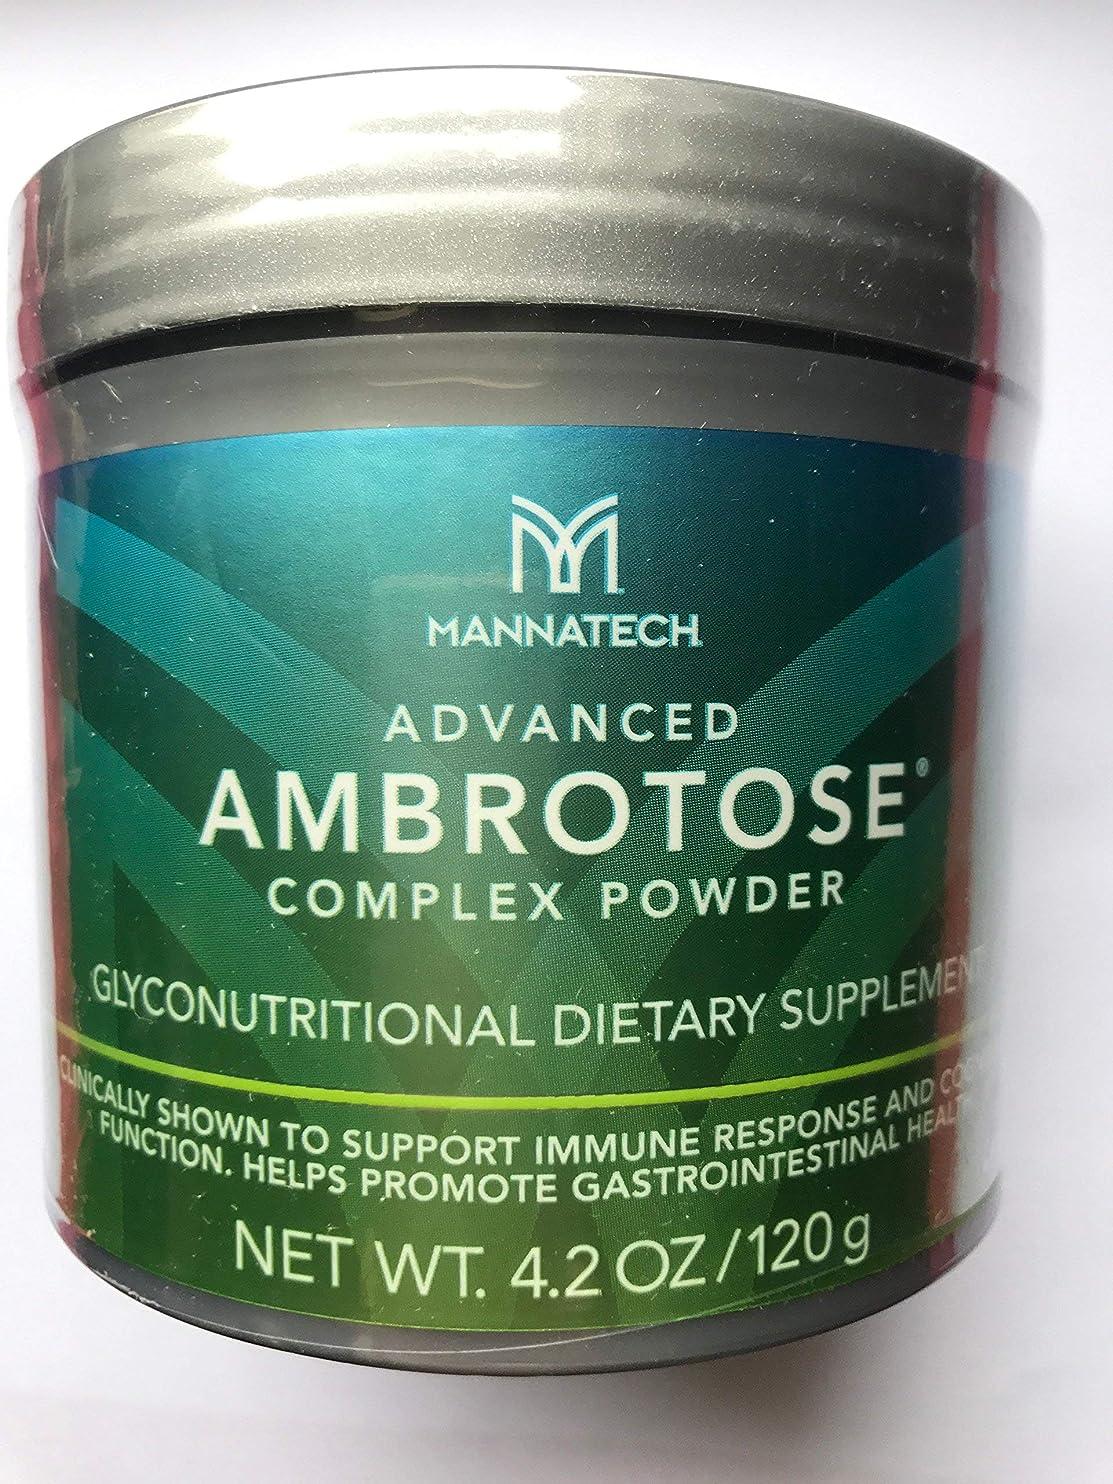 症候群書道松の木Mannatech マナテック 糖鎖栄養素 アドバンス アンブロトース 120g Advanced Ambrotose 並行輸入品